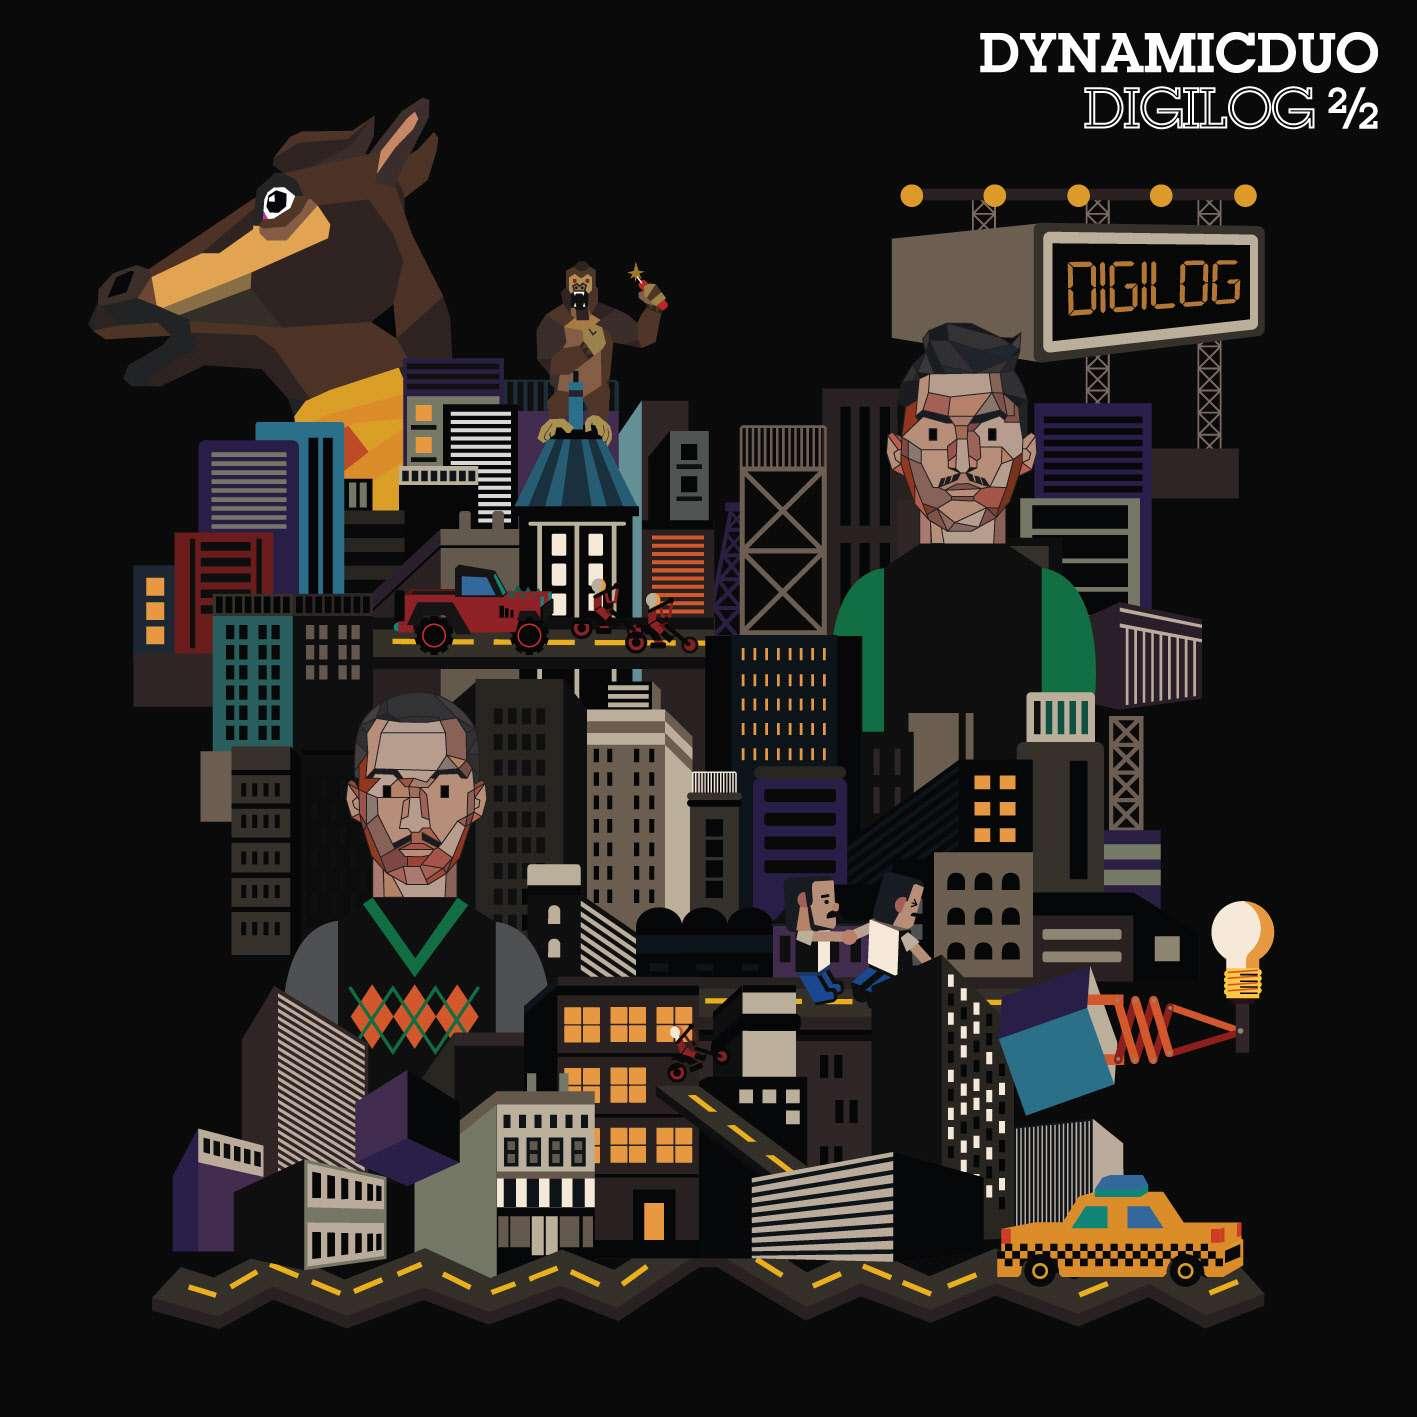 Download [Album] Dynamic Duo – DYNAMICDUO 6th DIGILOG 2/2